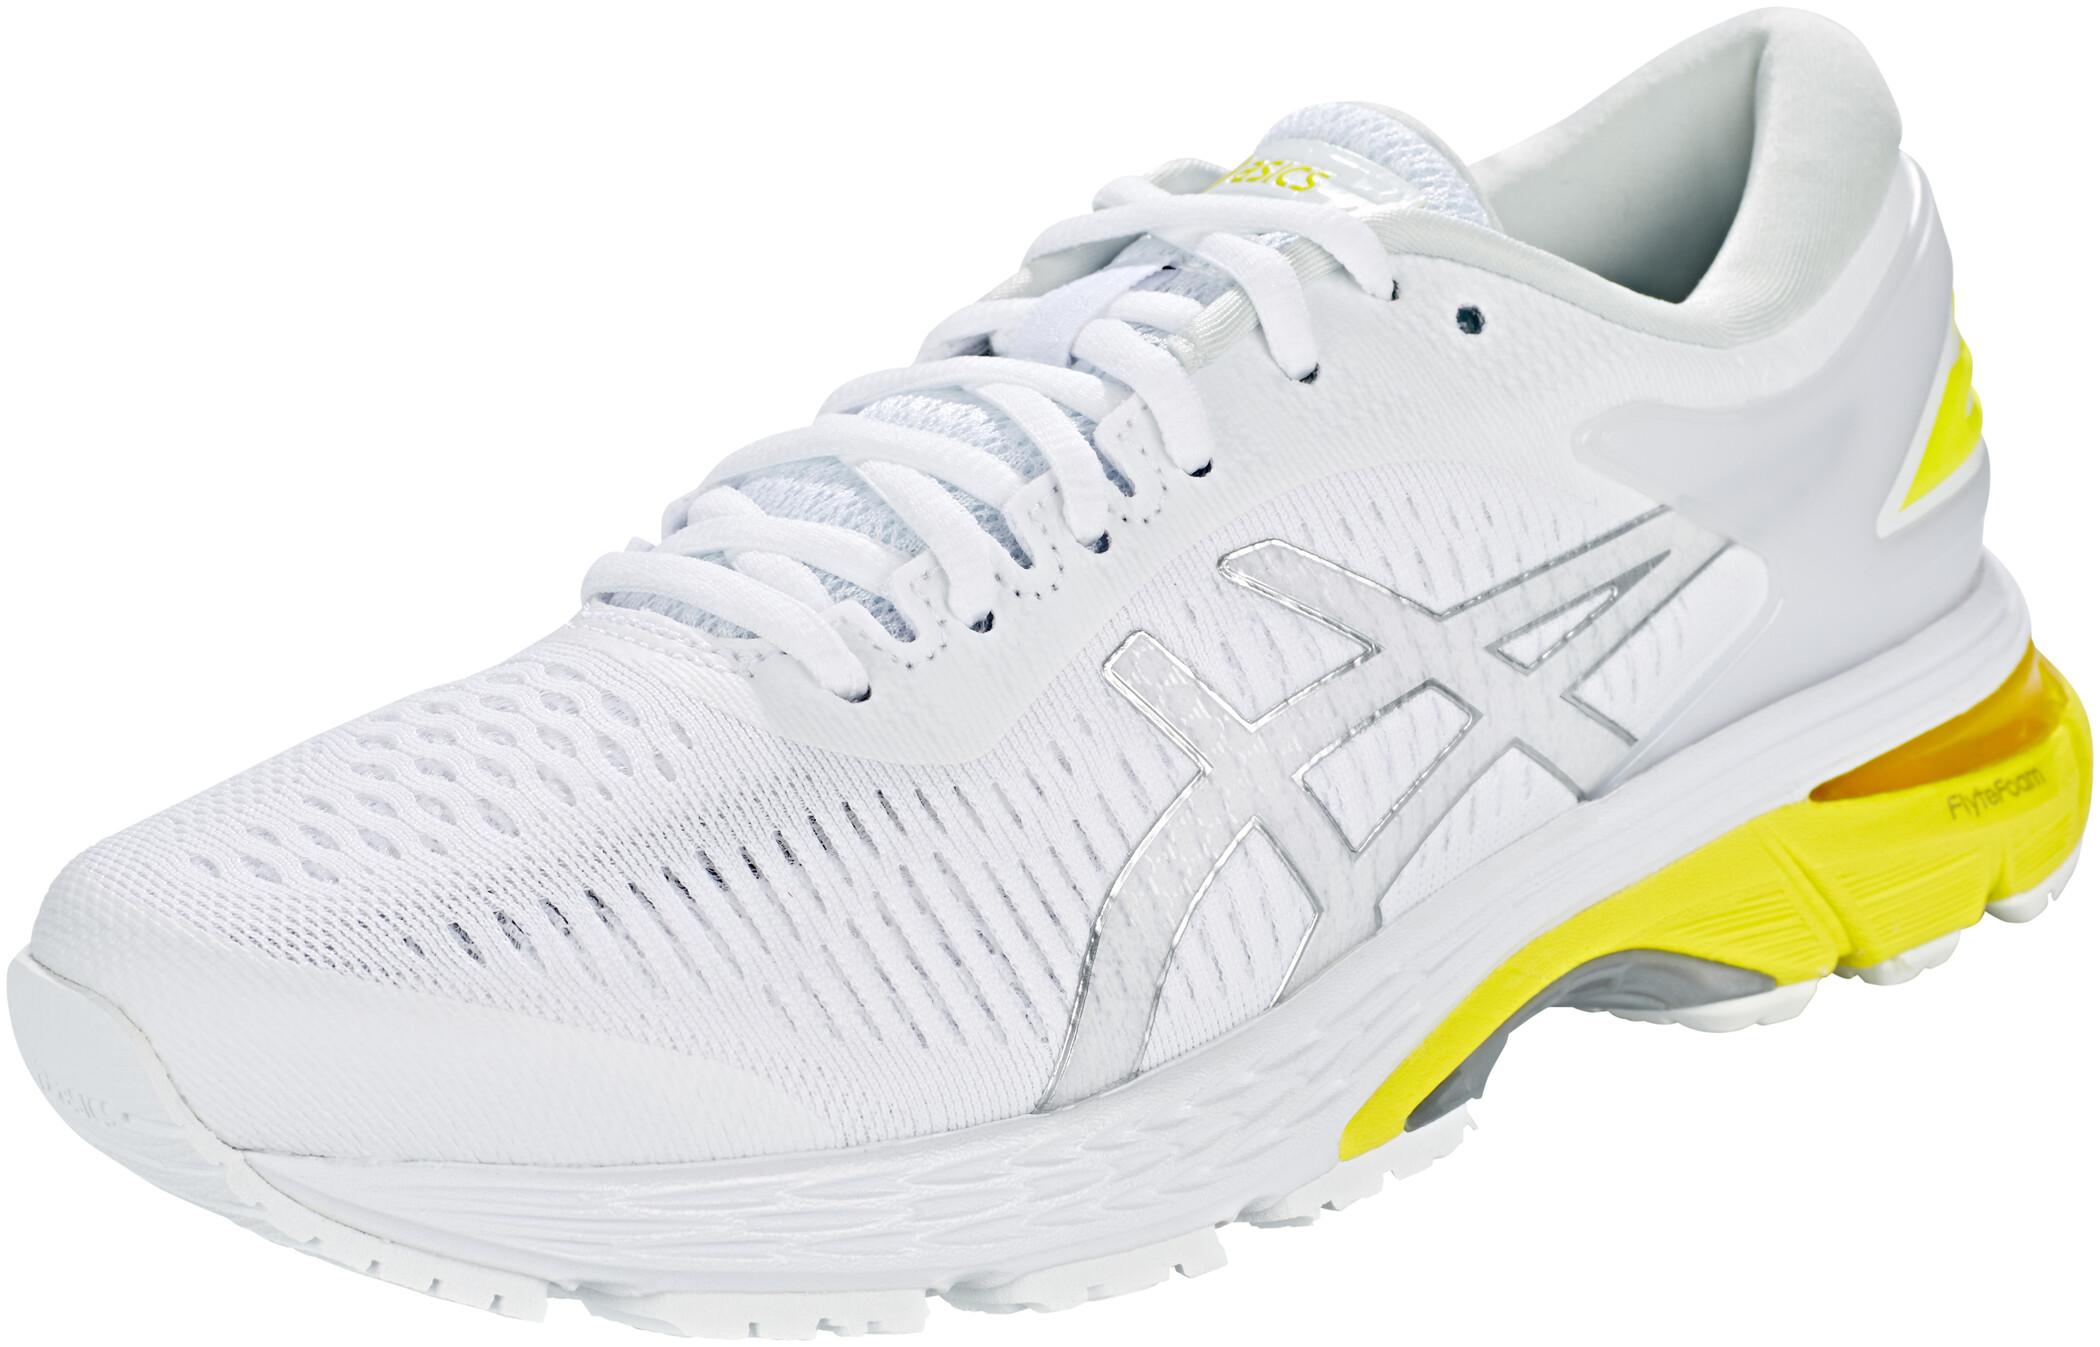 asics Gel-Kayano 25 Sko Damer, white/lemon spark (2019) | Shoes and overlays